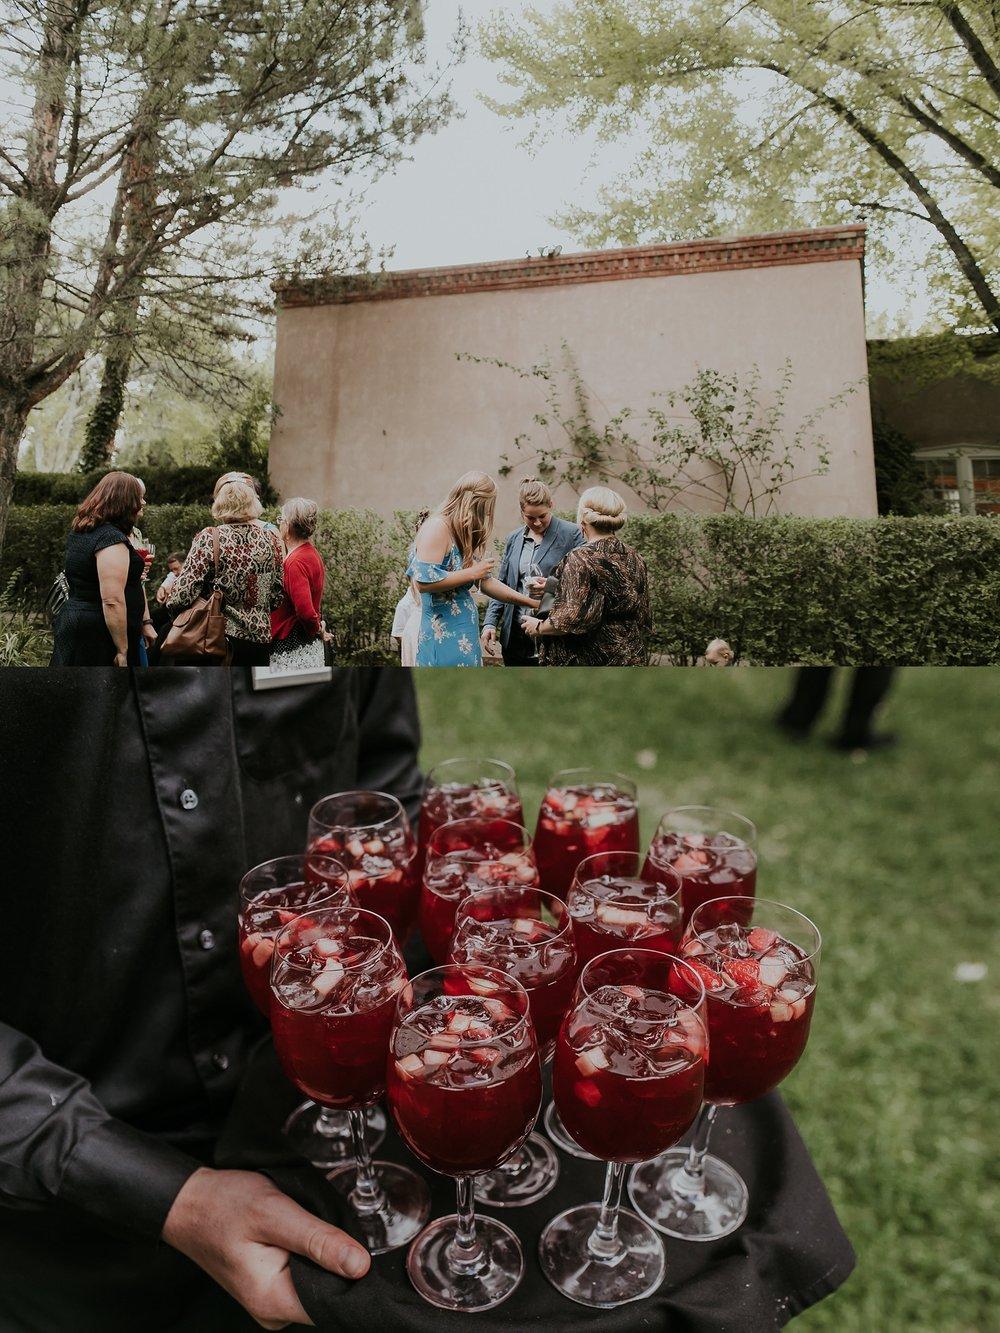 Alicia+lucia+photography+-+albuquerque+wedding+photographer+-+santa+fe+wedding+photography+-+new+mexico+wedding+photographer+-+los+poblanos+wedding+-+los+poblanos+fall+wedding_0061.jpg